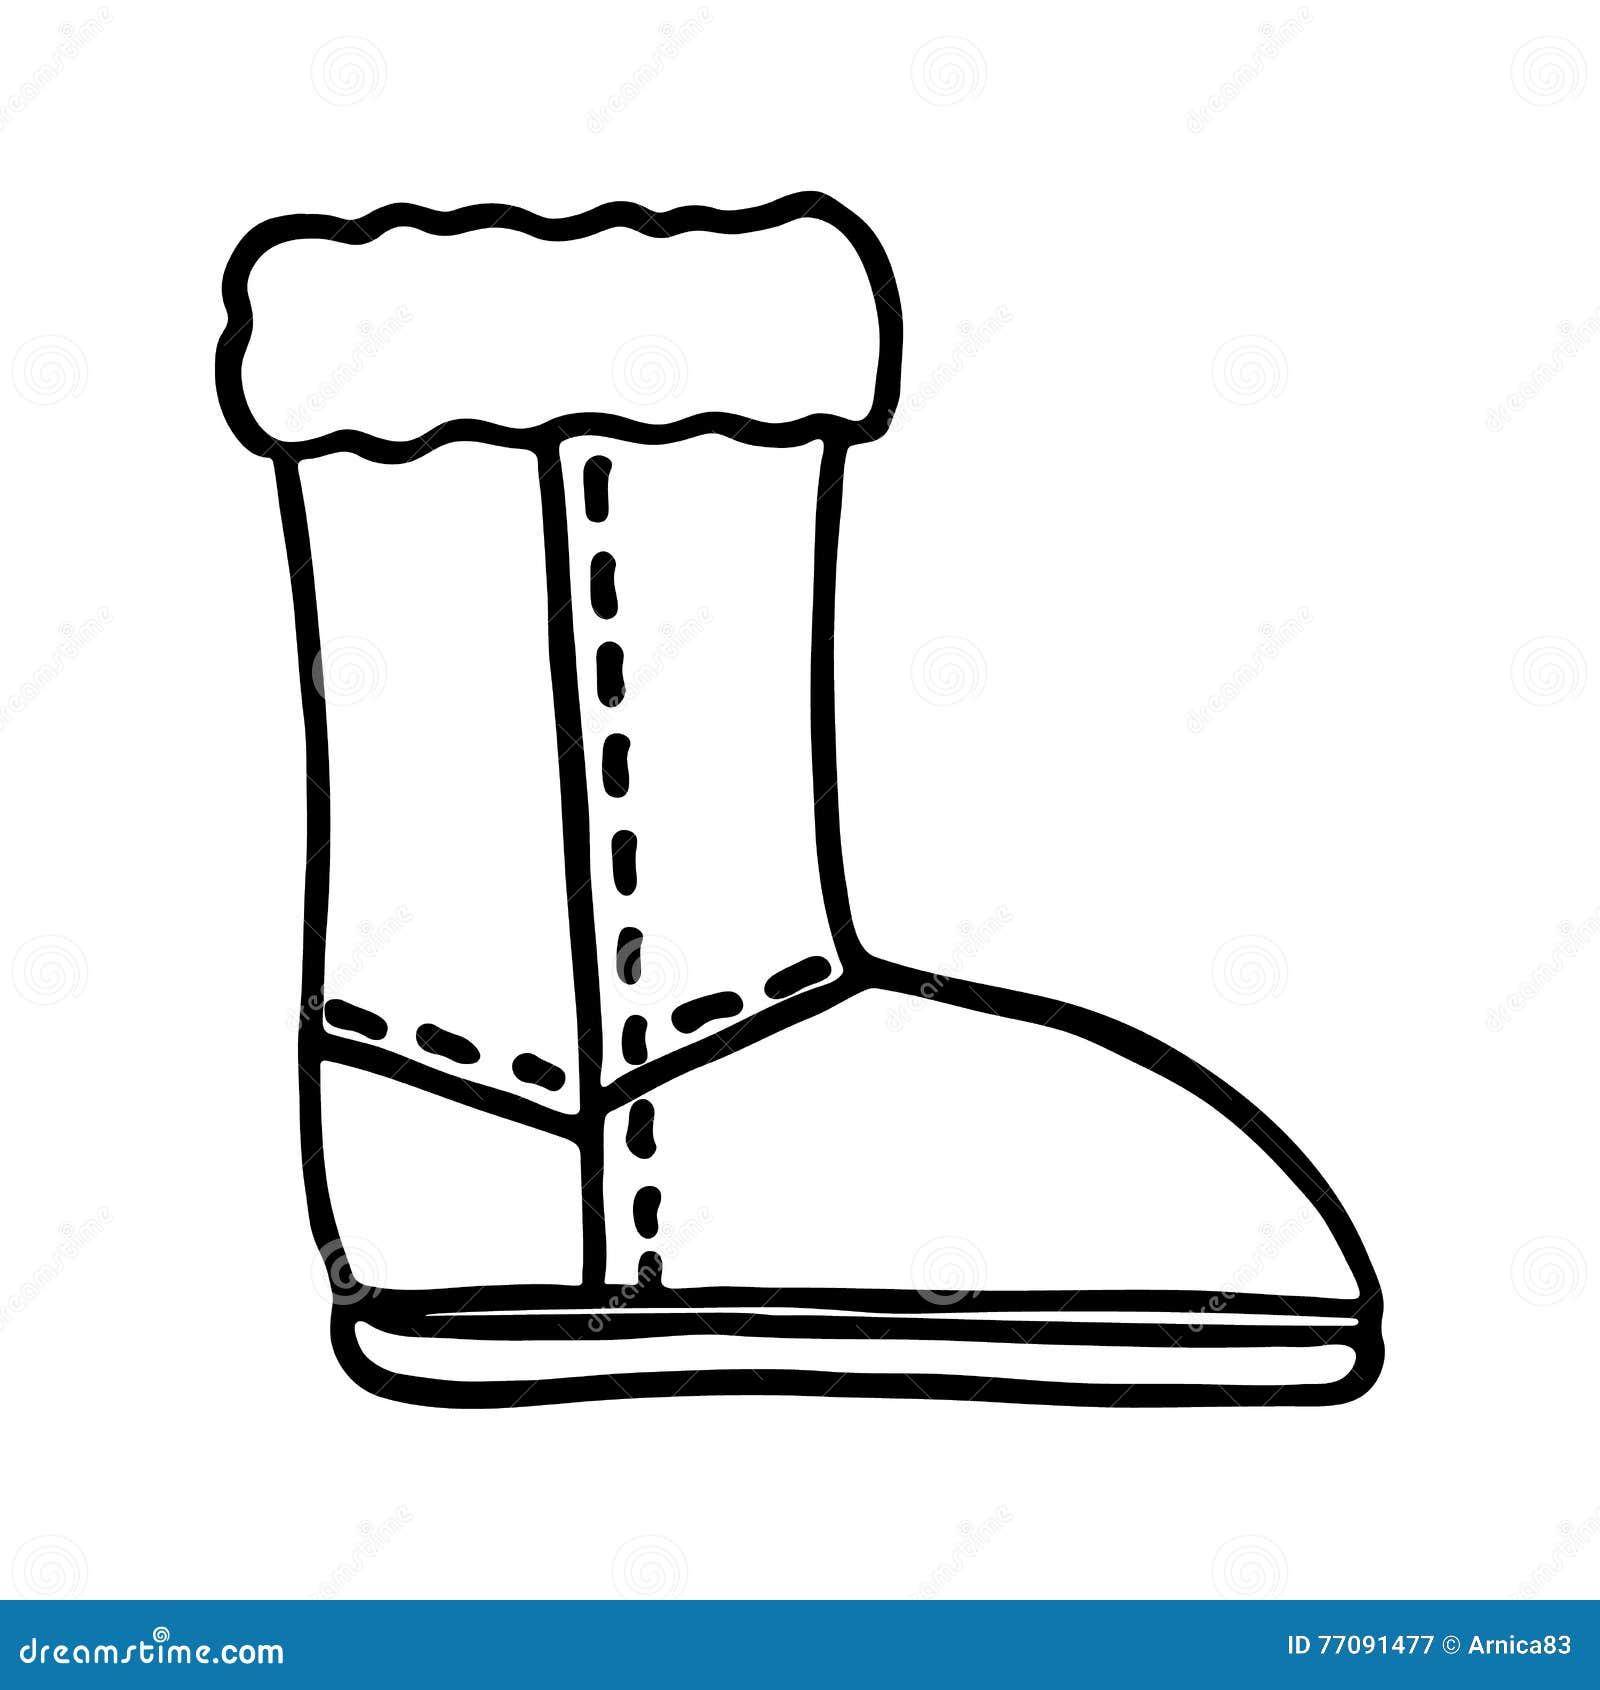 santa boot icon on white background